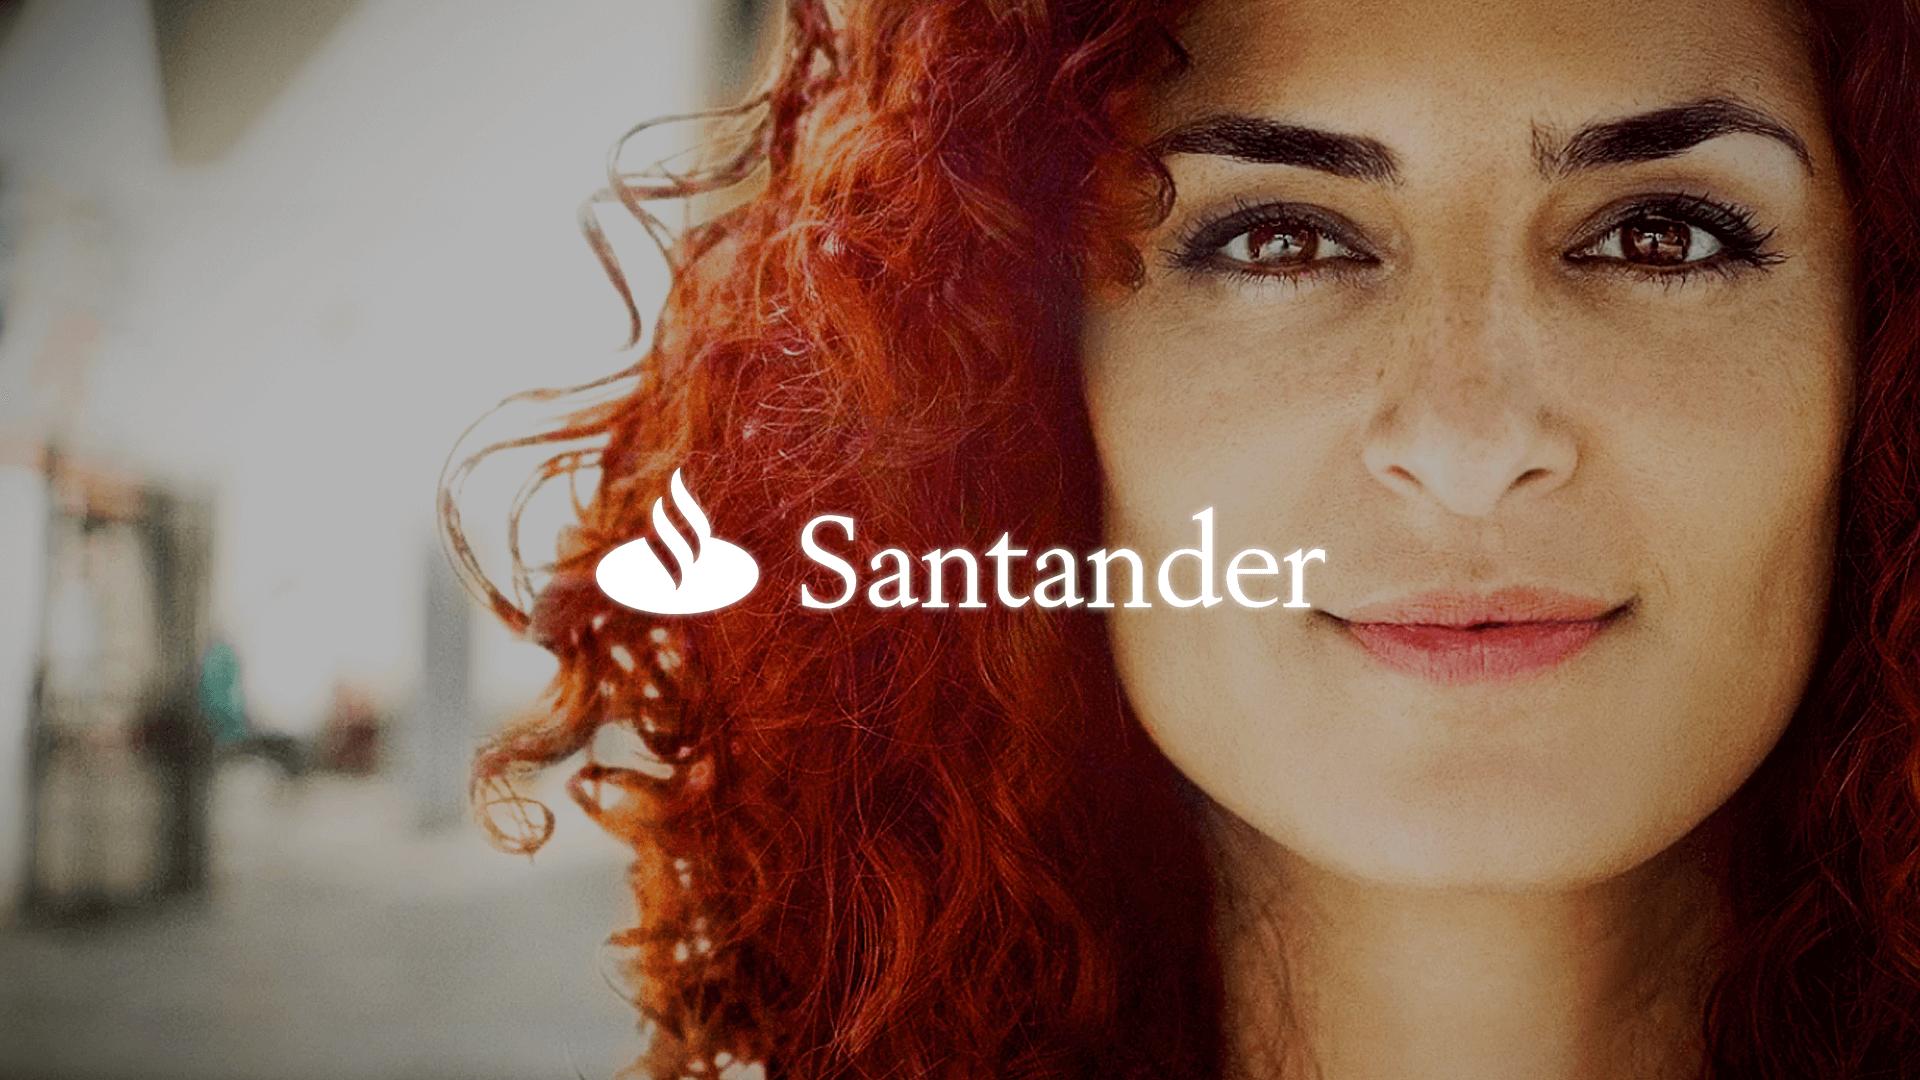 Santander Future Bank